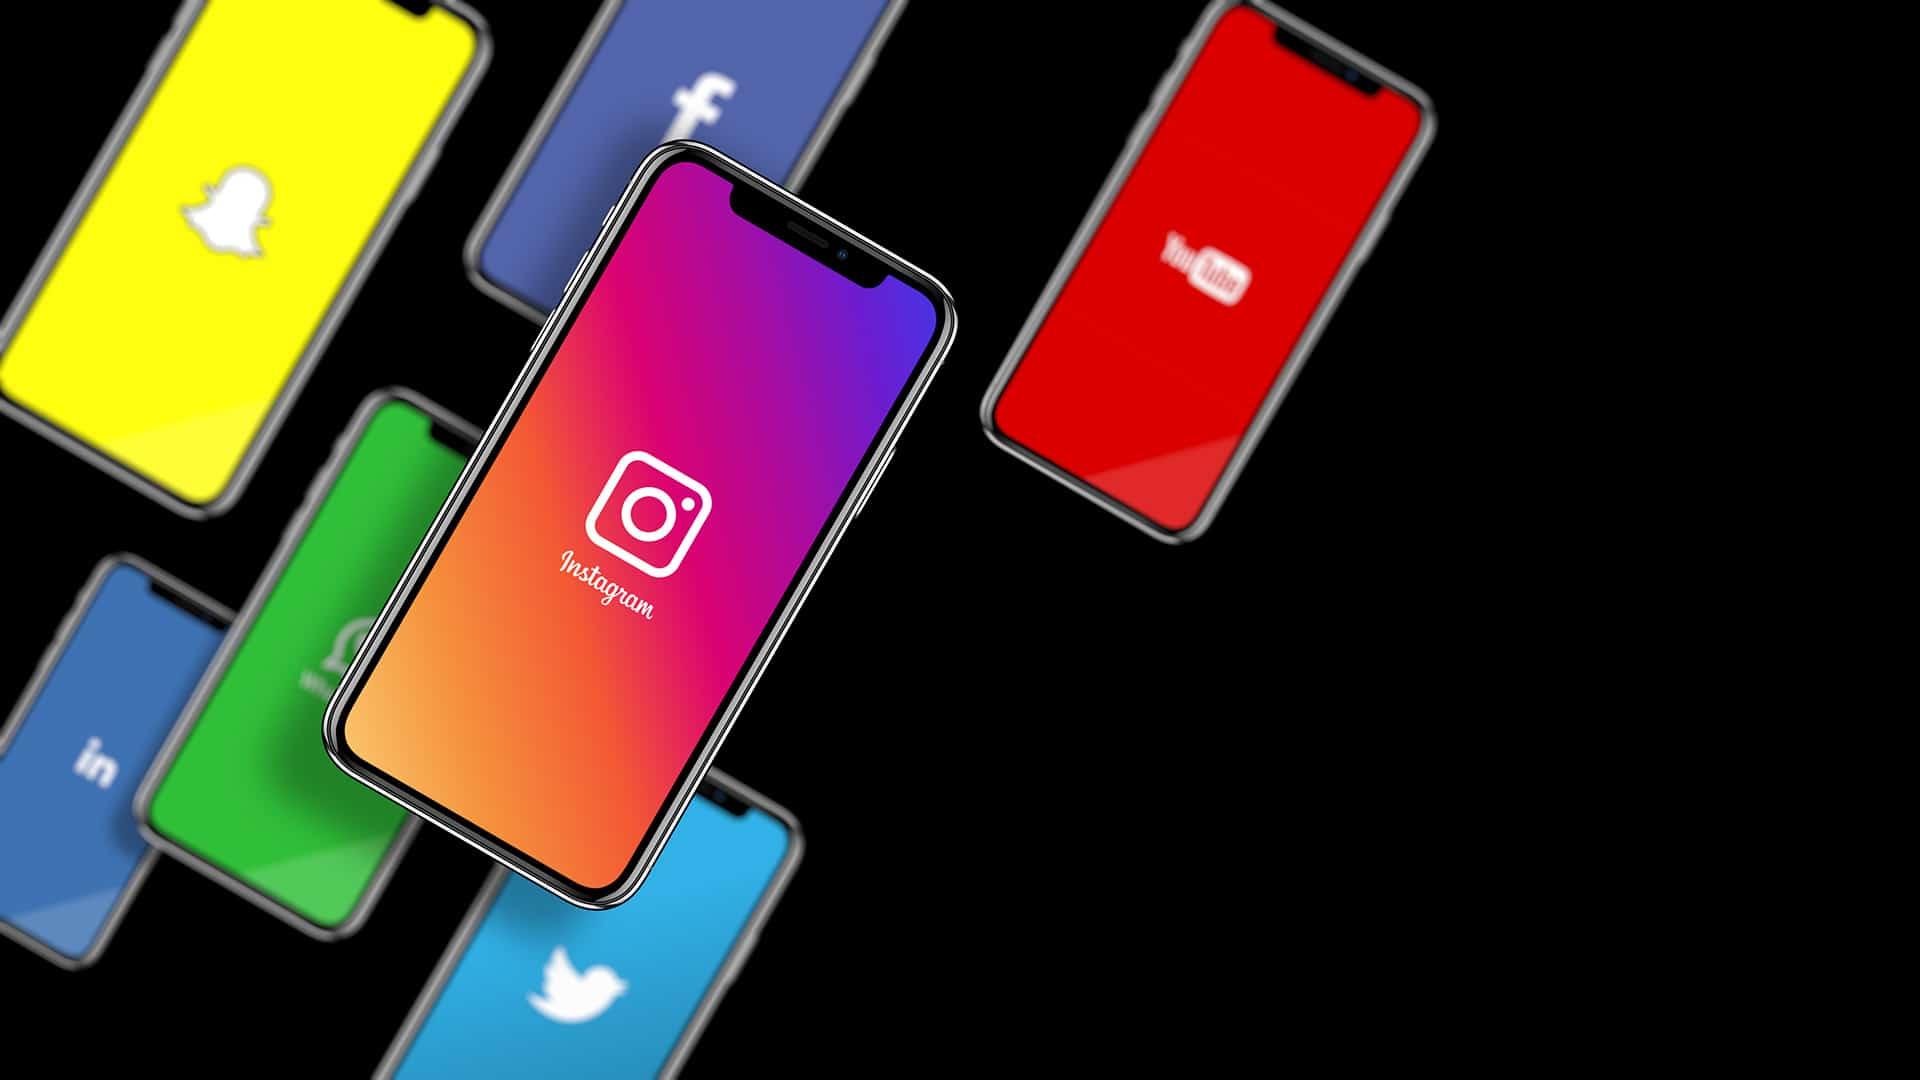 infinidad copia de 4 social media